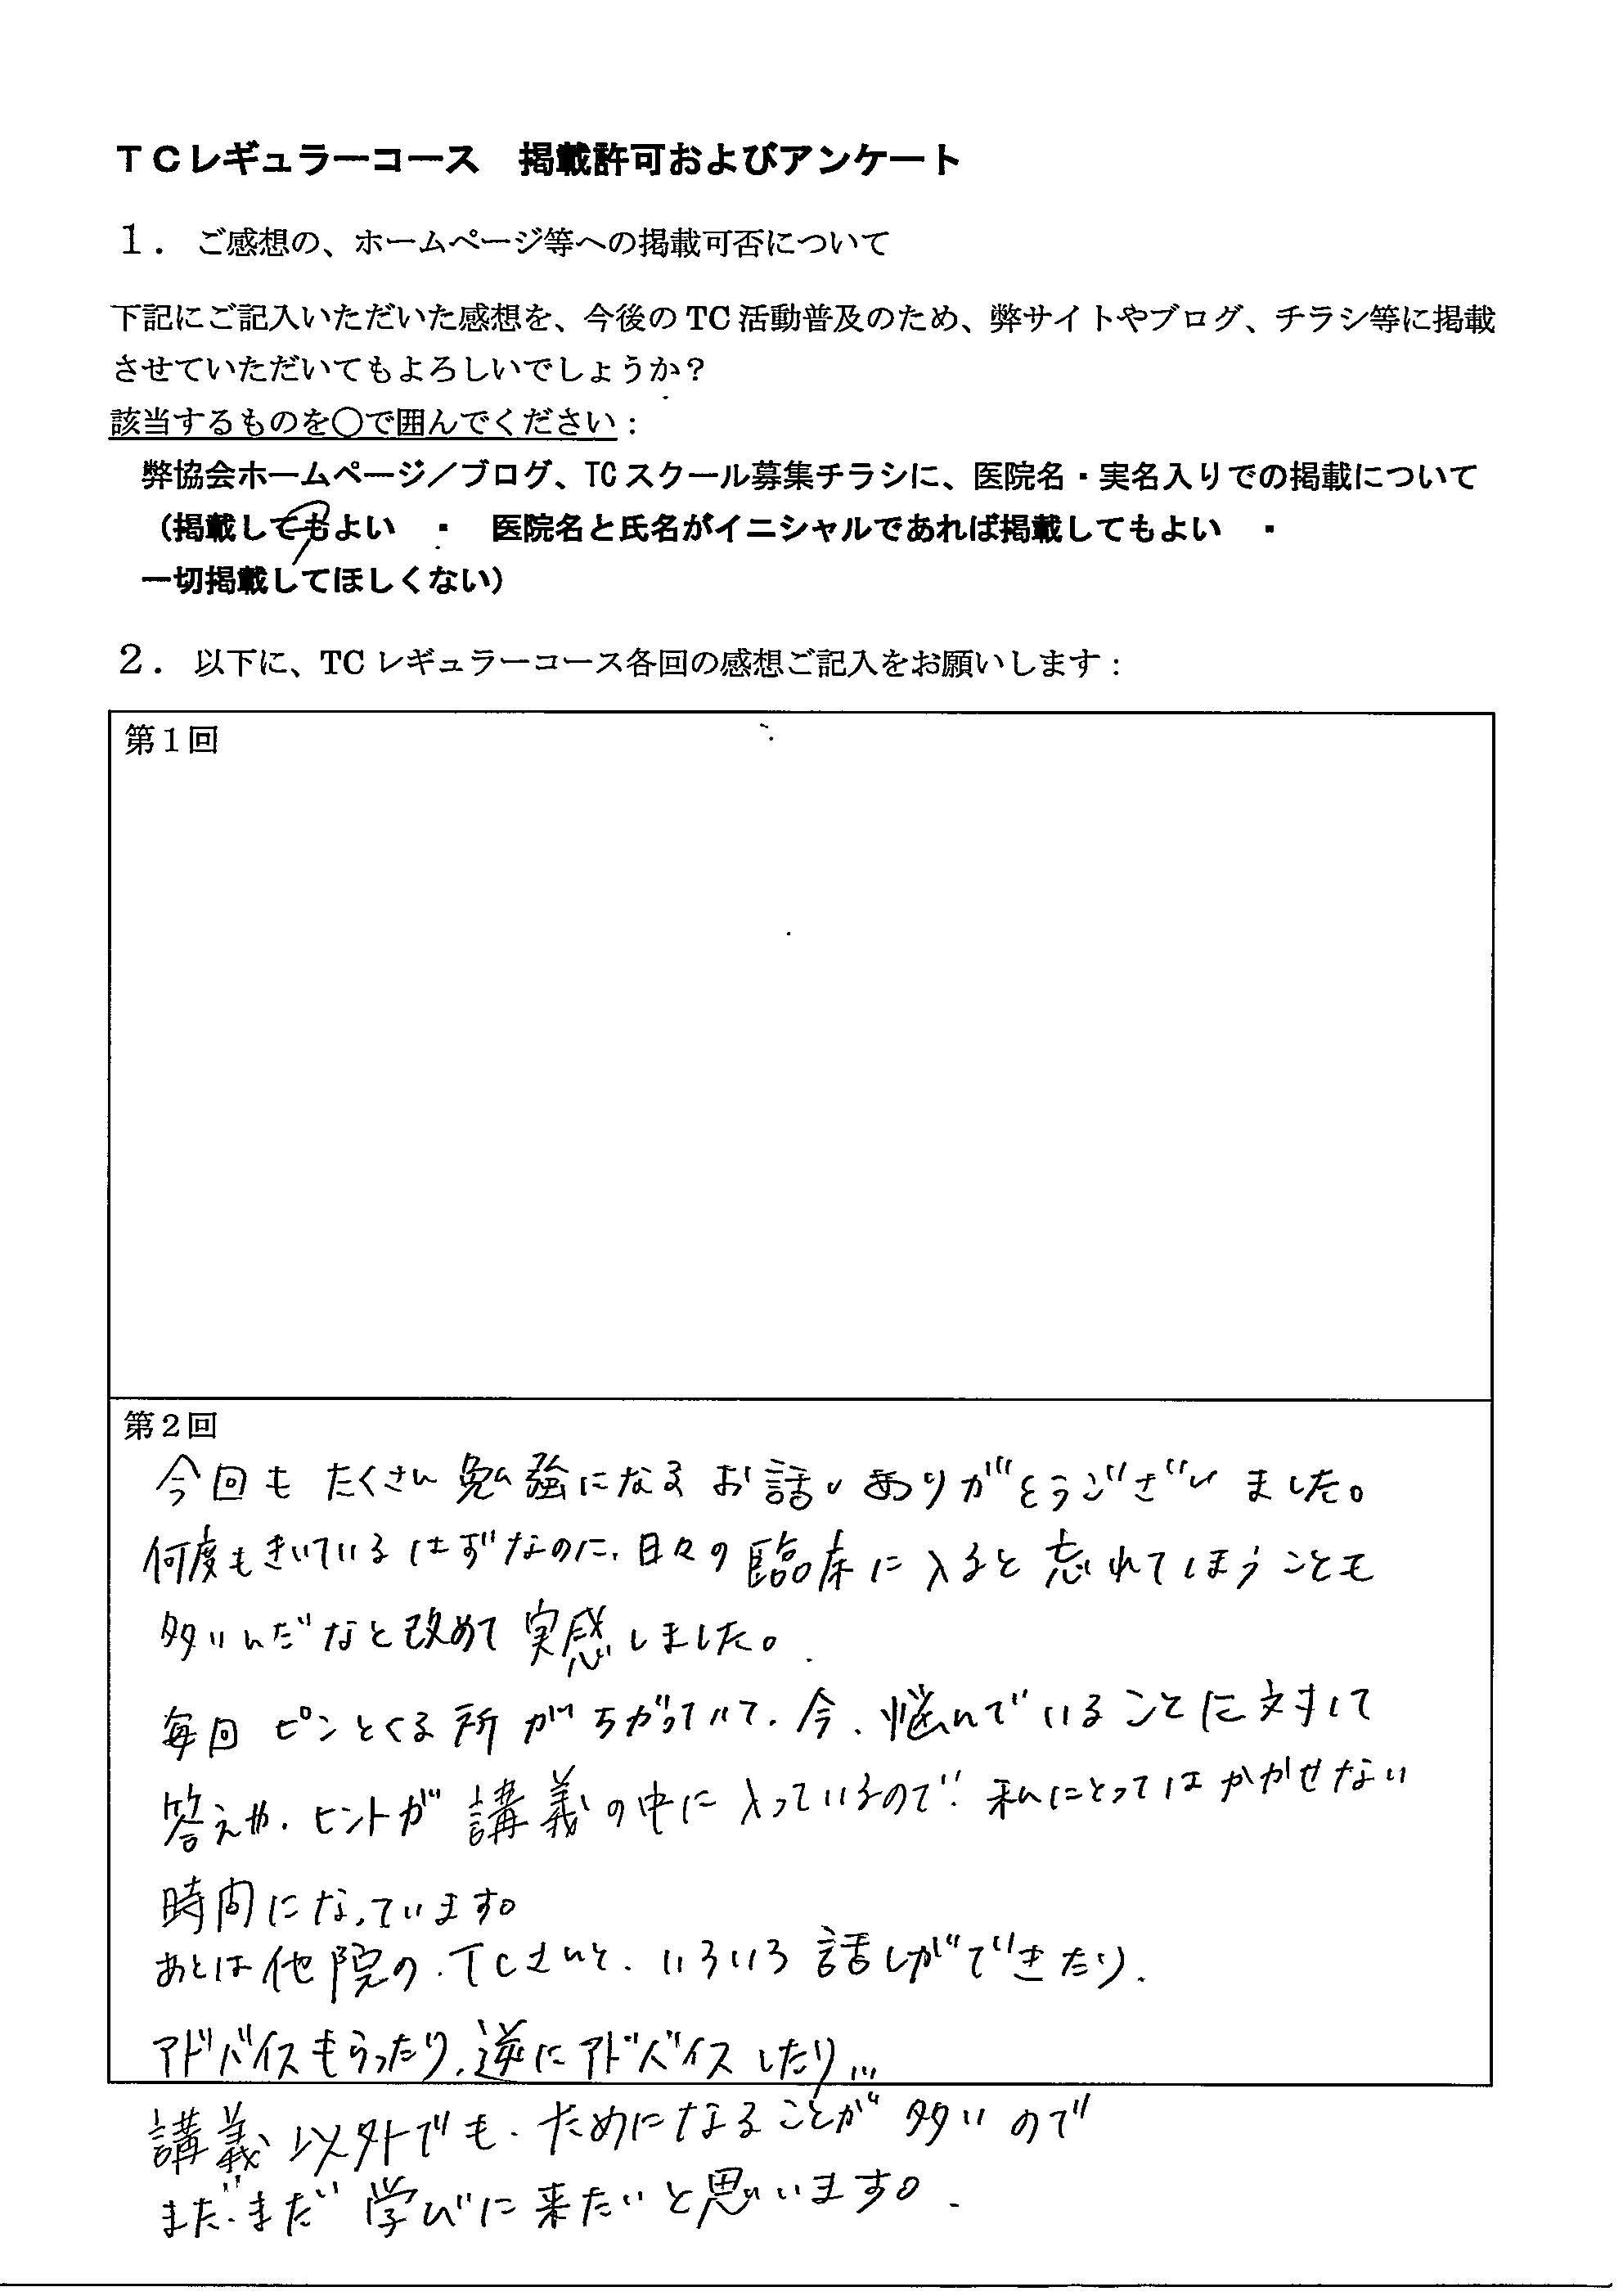 鶴田香織 様アンケート